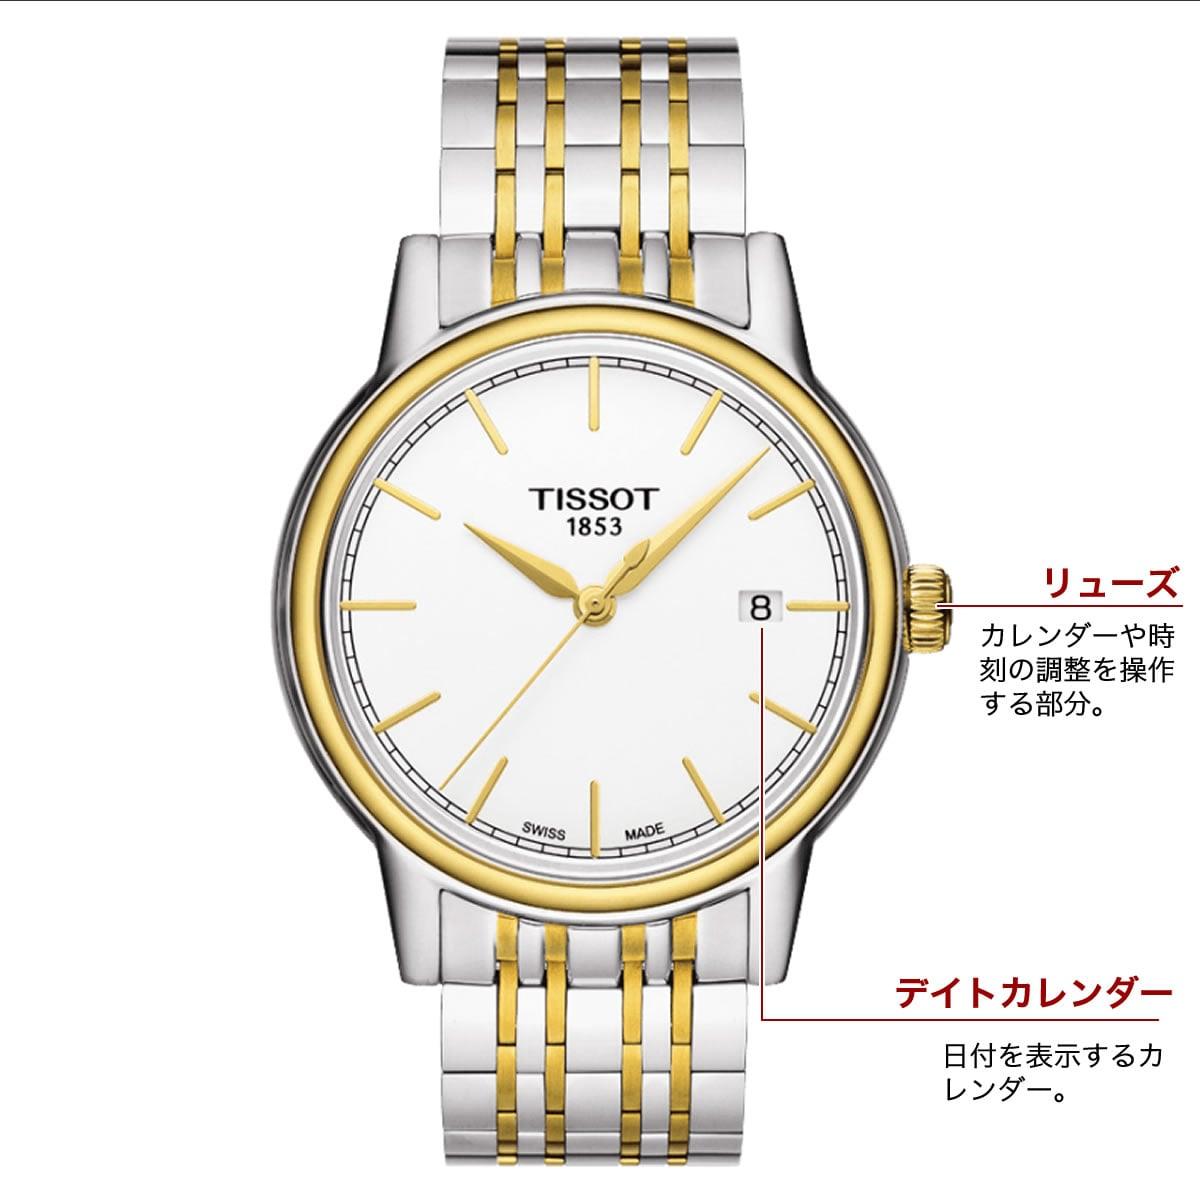 ティソ クォーツ 男性用腕時計t0854102201100